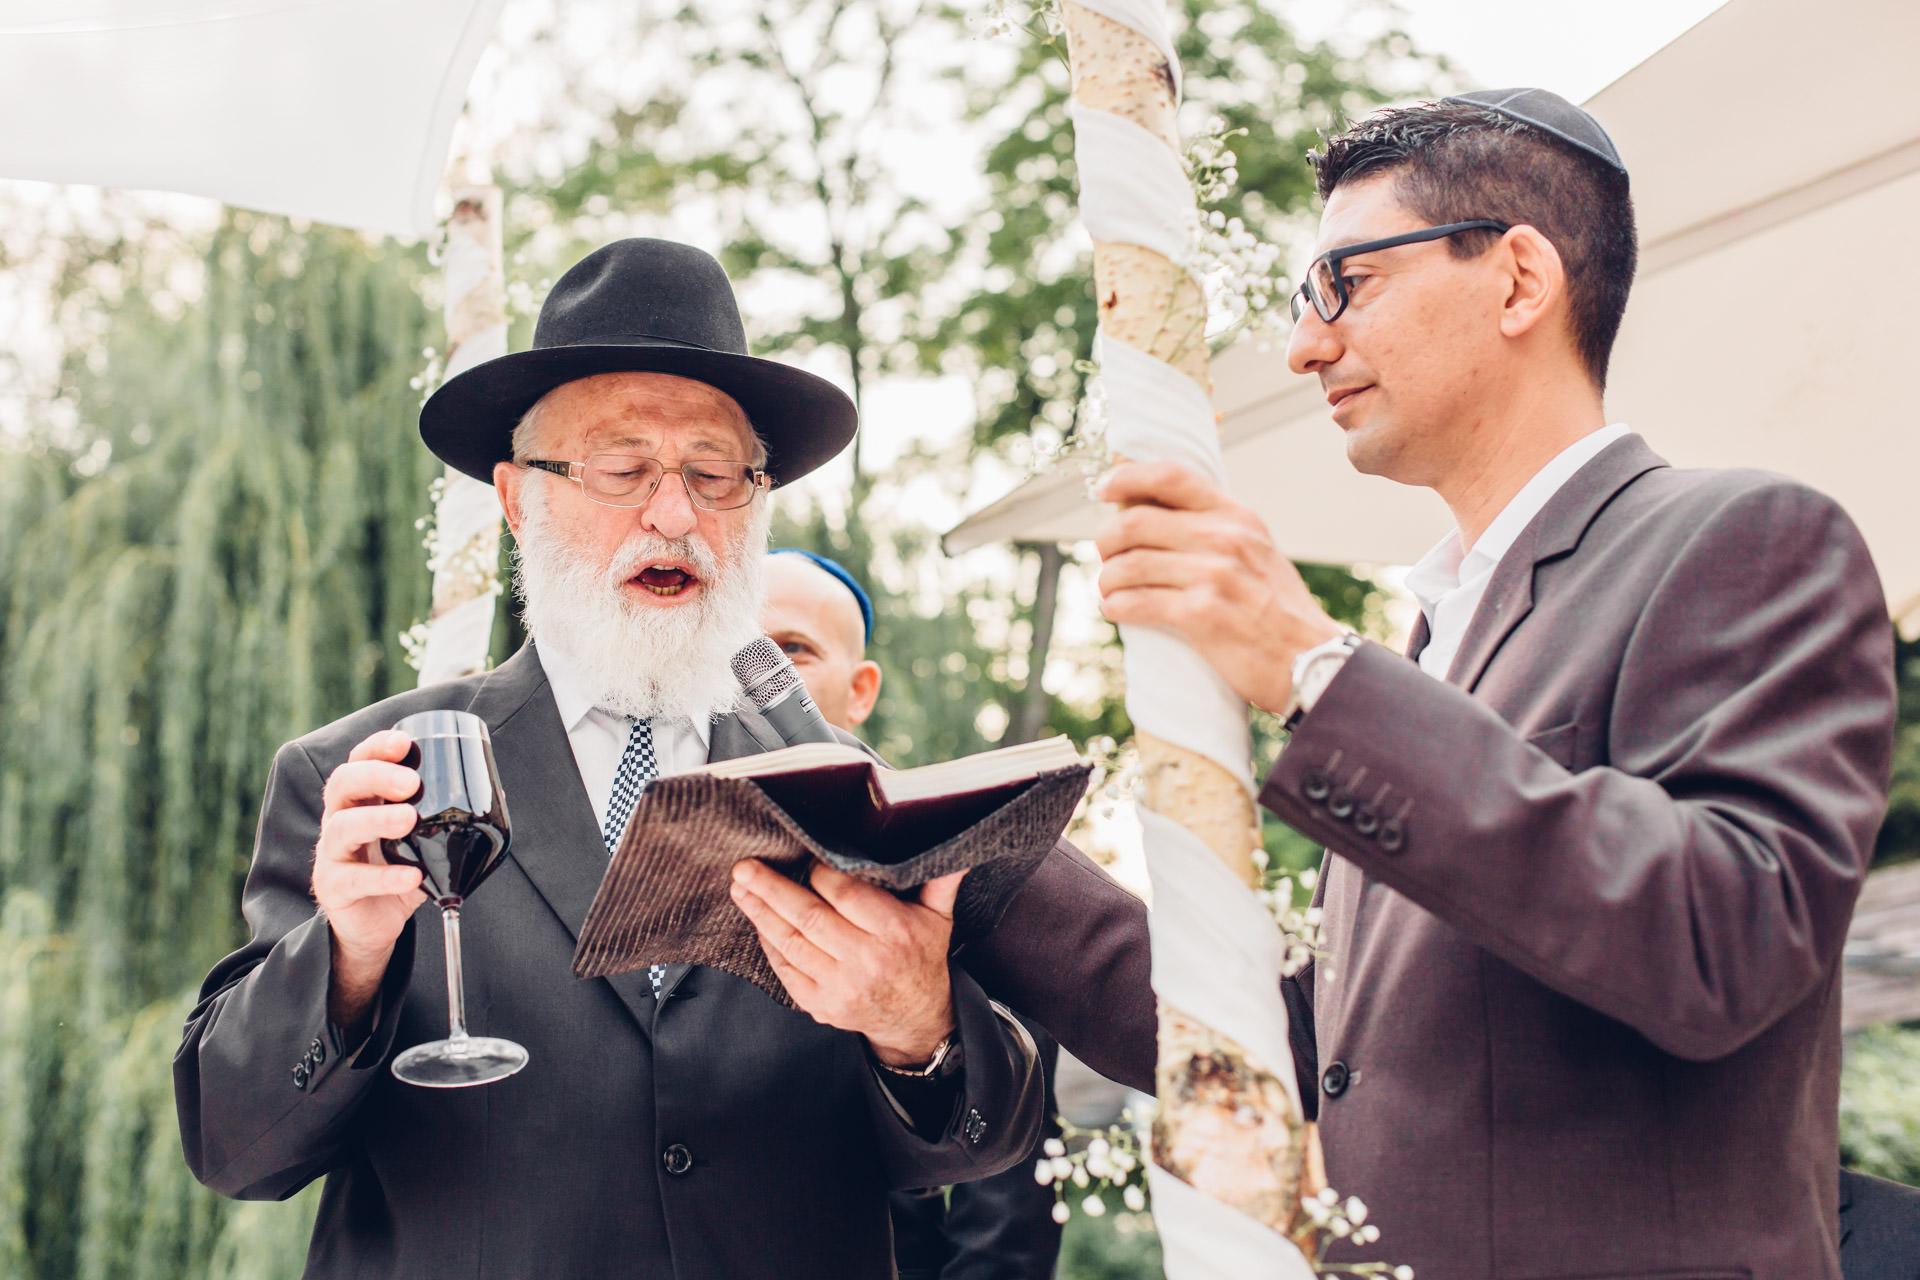 Jüdisch heiraten